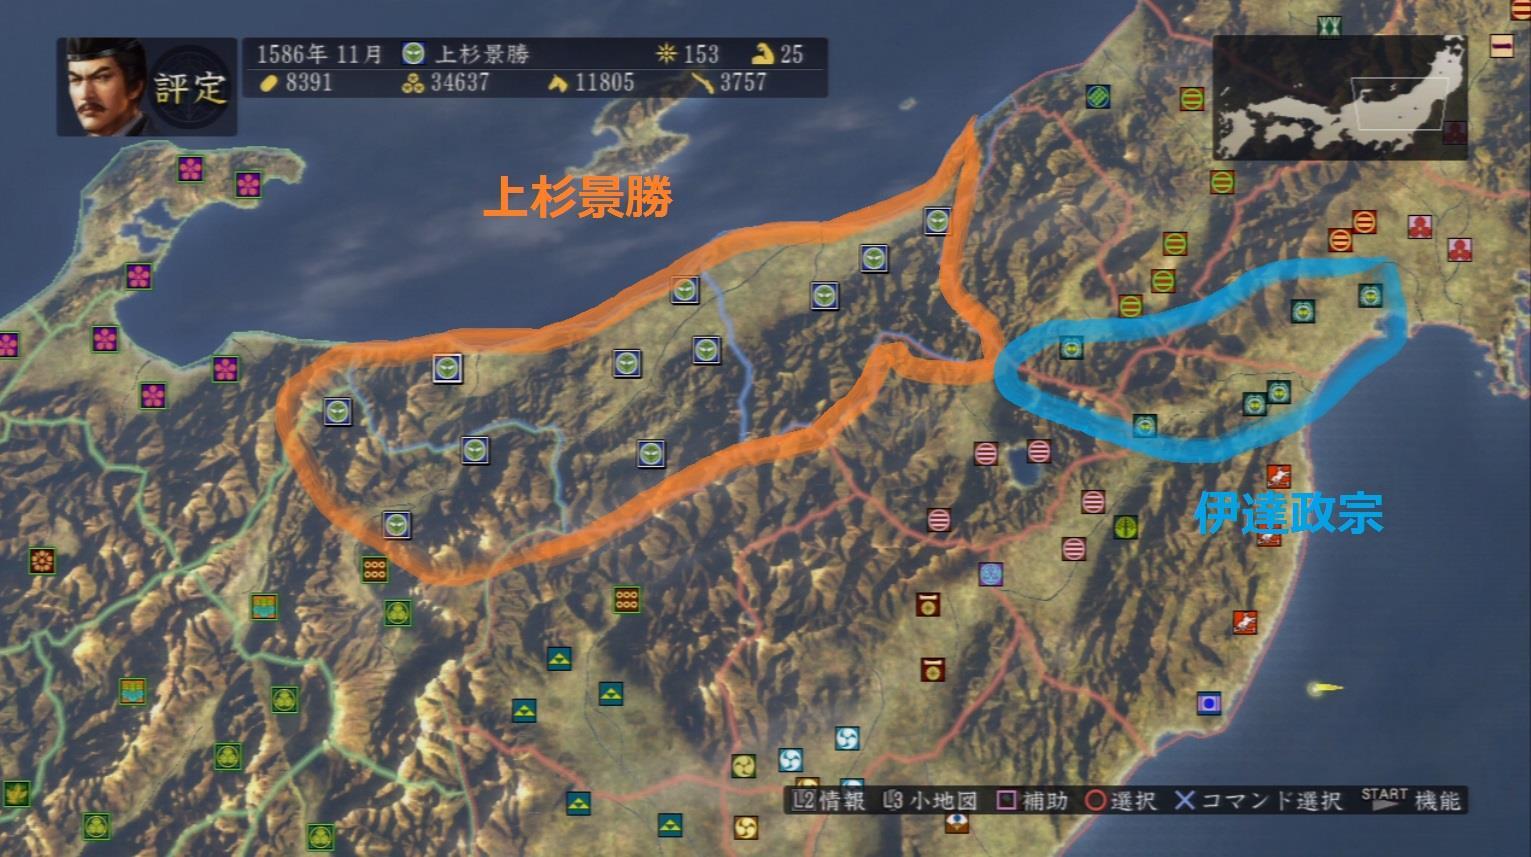 伊達と上杉 地図 真田丸